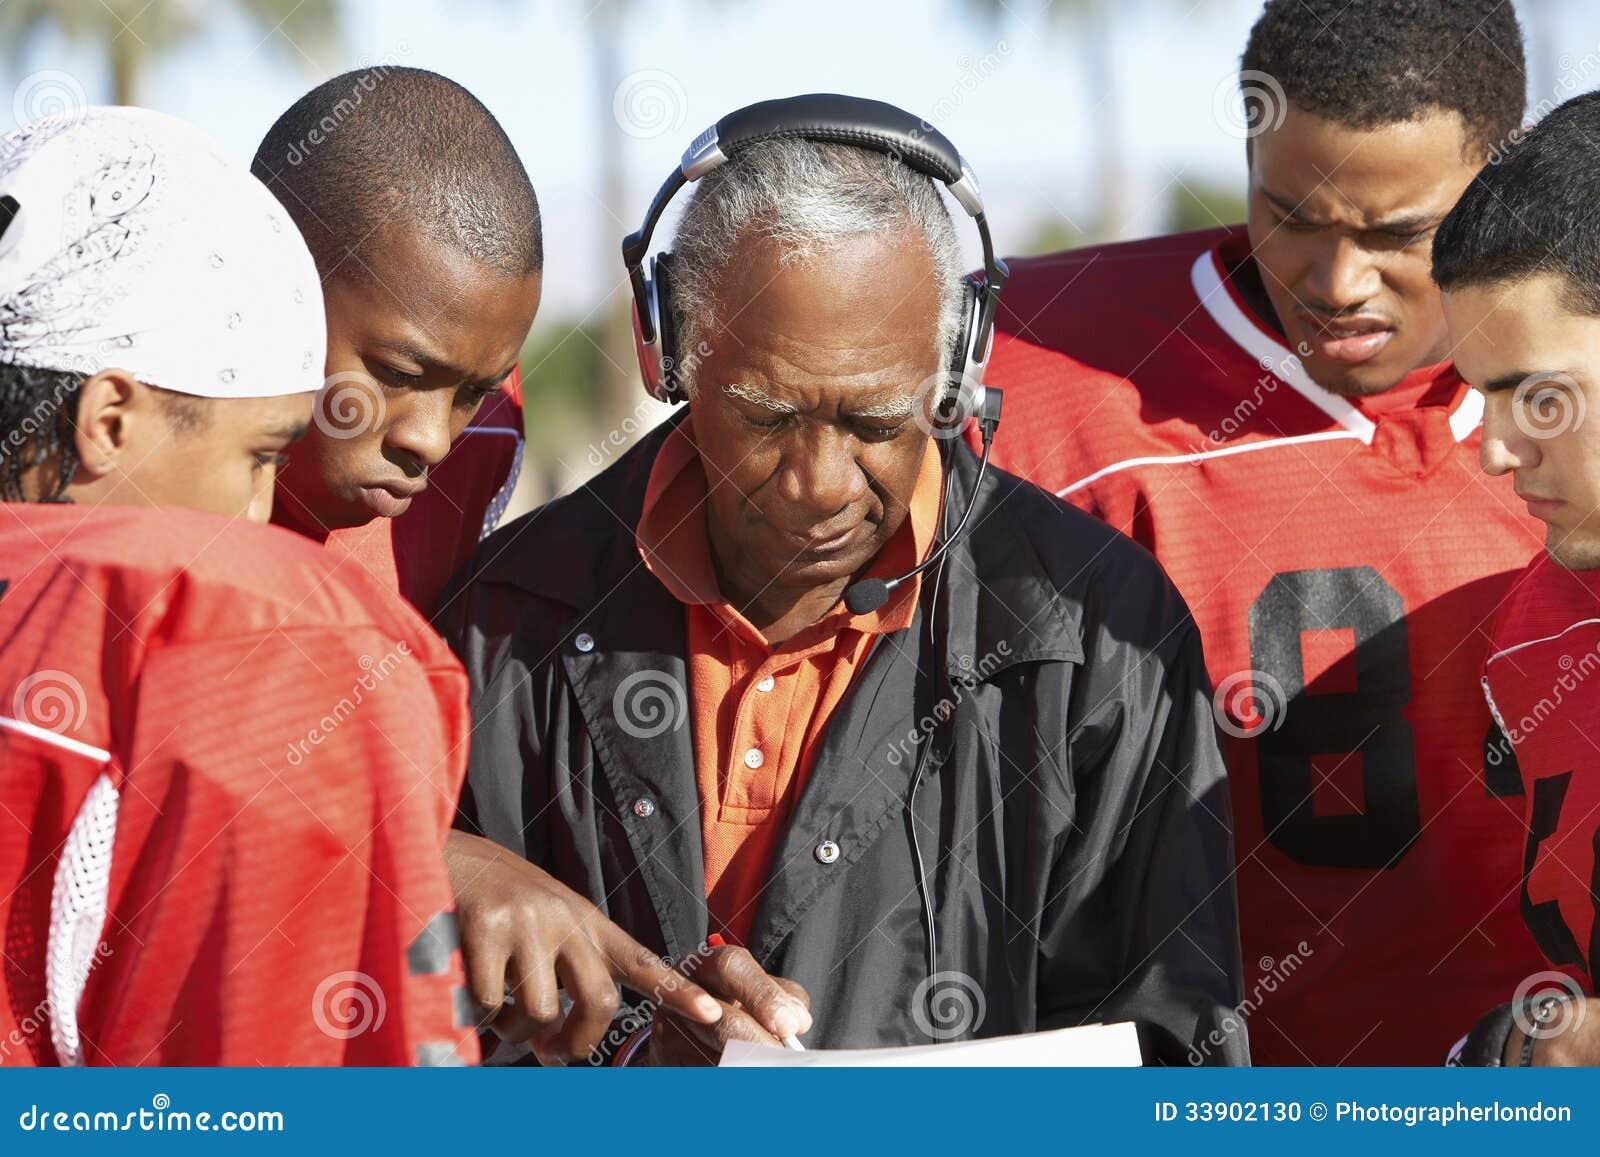 Joueurs de football et entraîneur Discussing Strategy